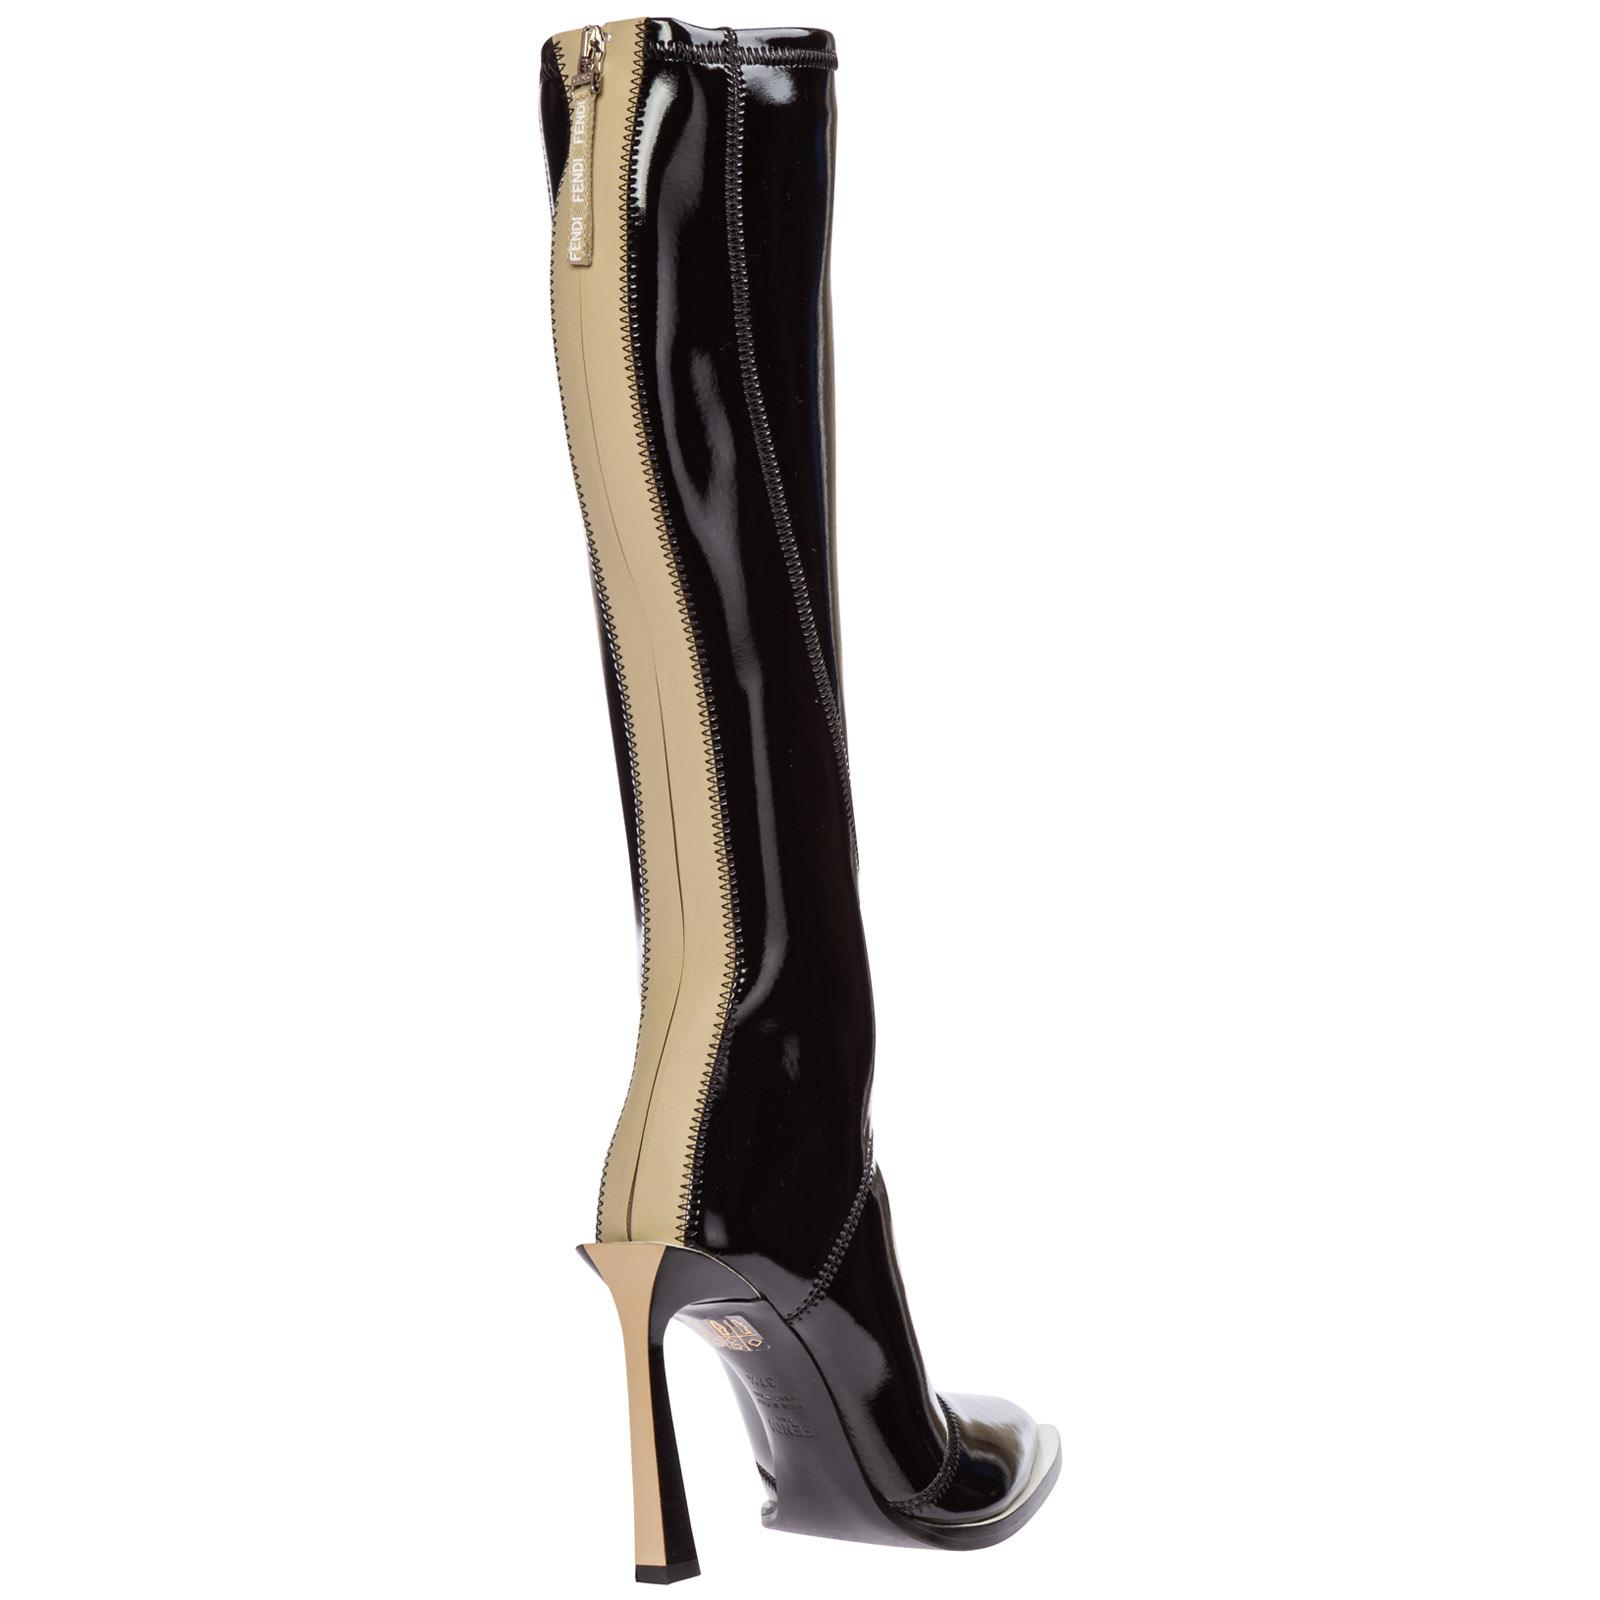 Stiefel Boots Mit Stiefel Mit Damen Stiefel Absatz Damen Mit Absatz Boots Damen cFJTlK1